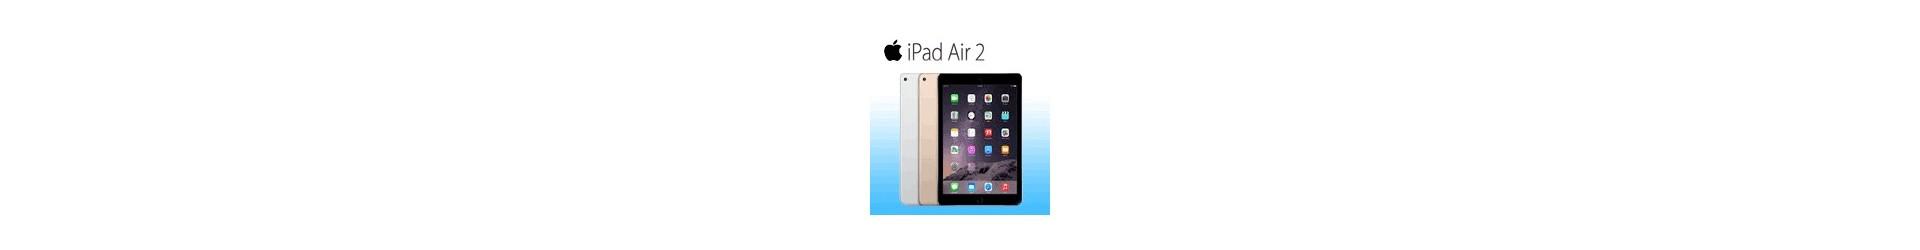 iPad Air 2 - A1566/A1567